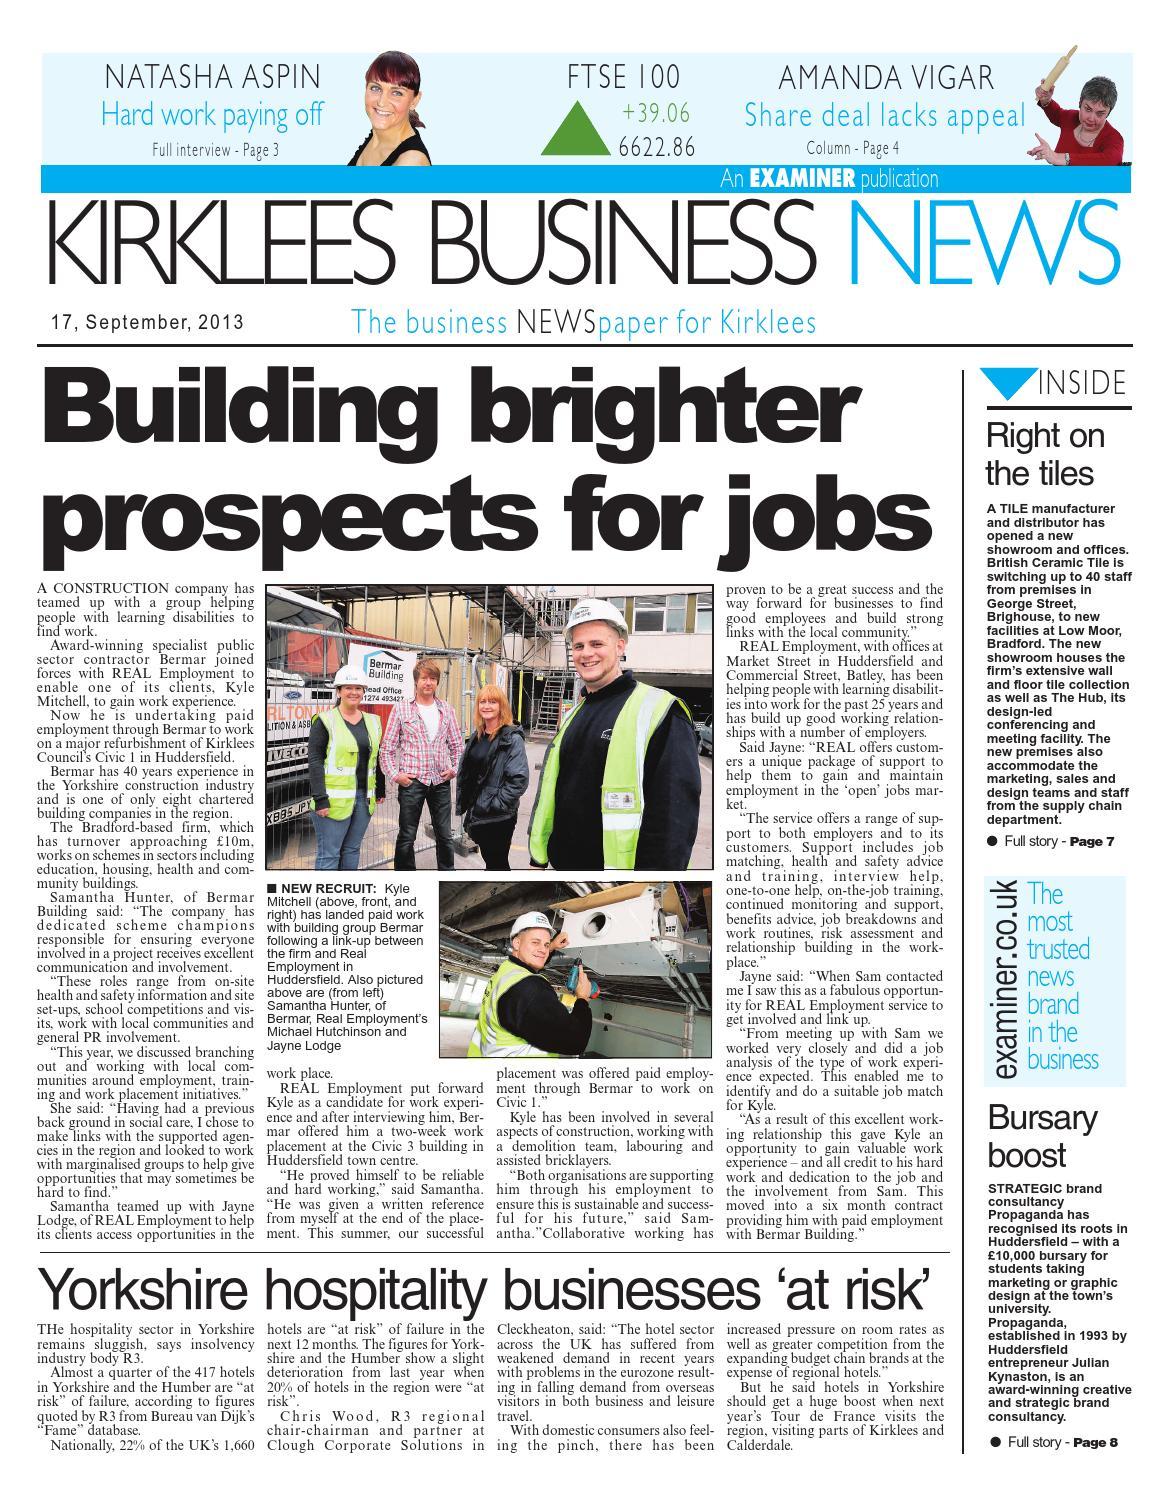 Kirklees Business News 17/09/13 by Huddersfield - issuu